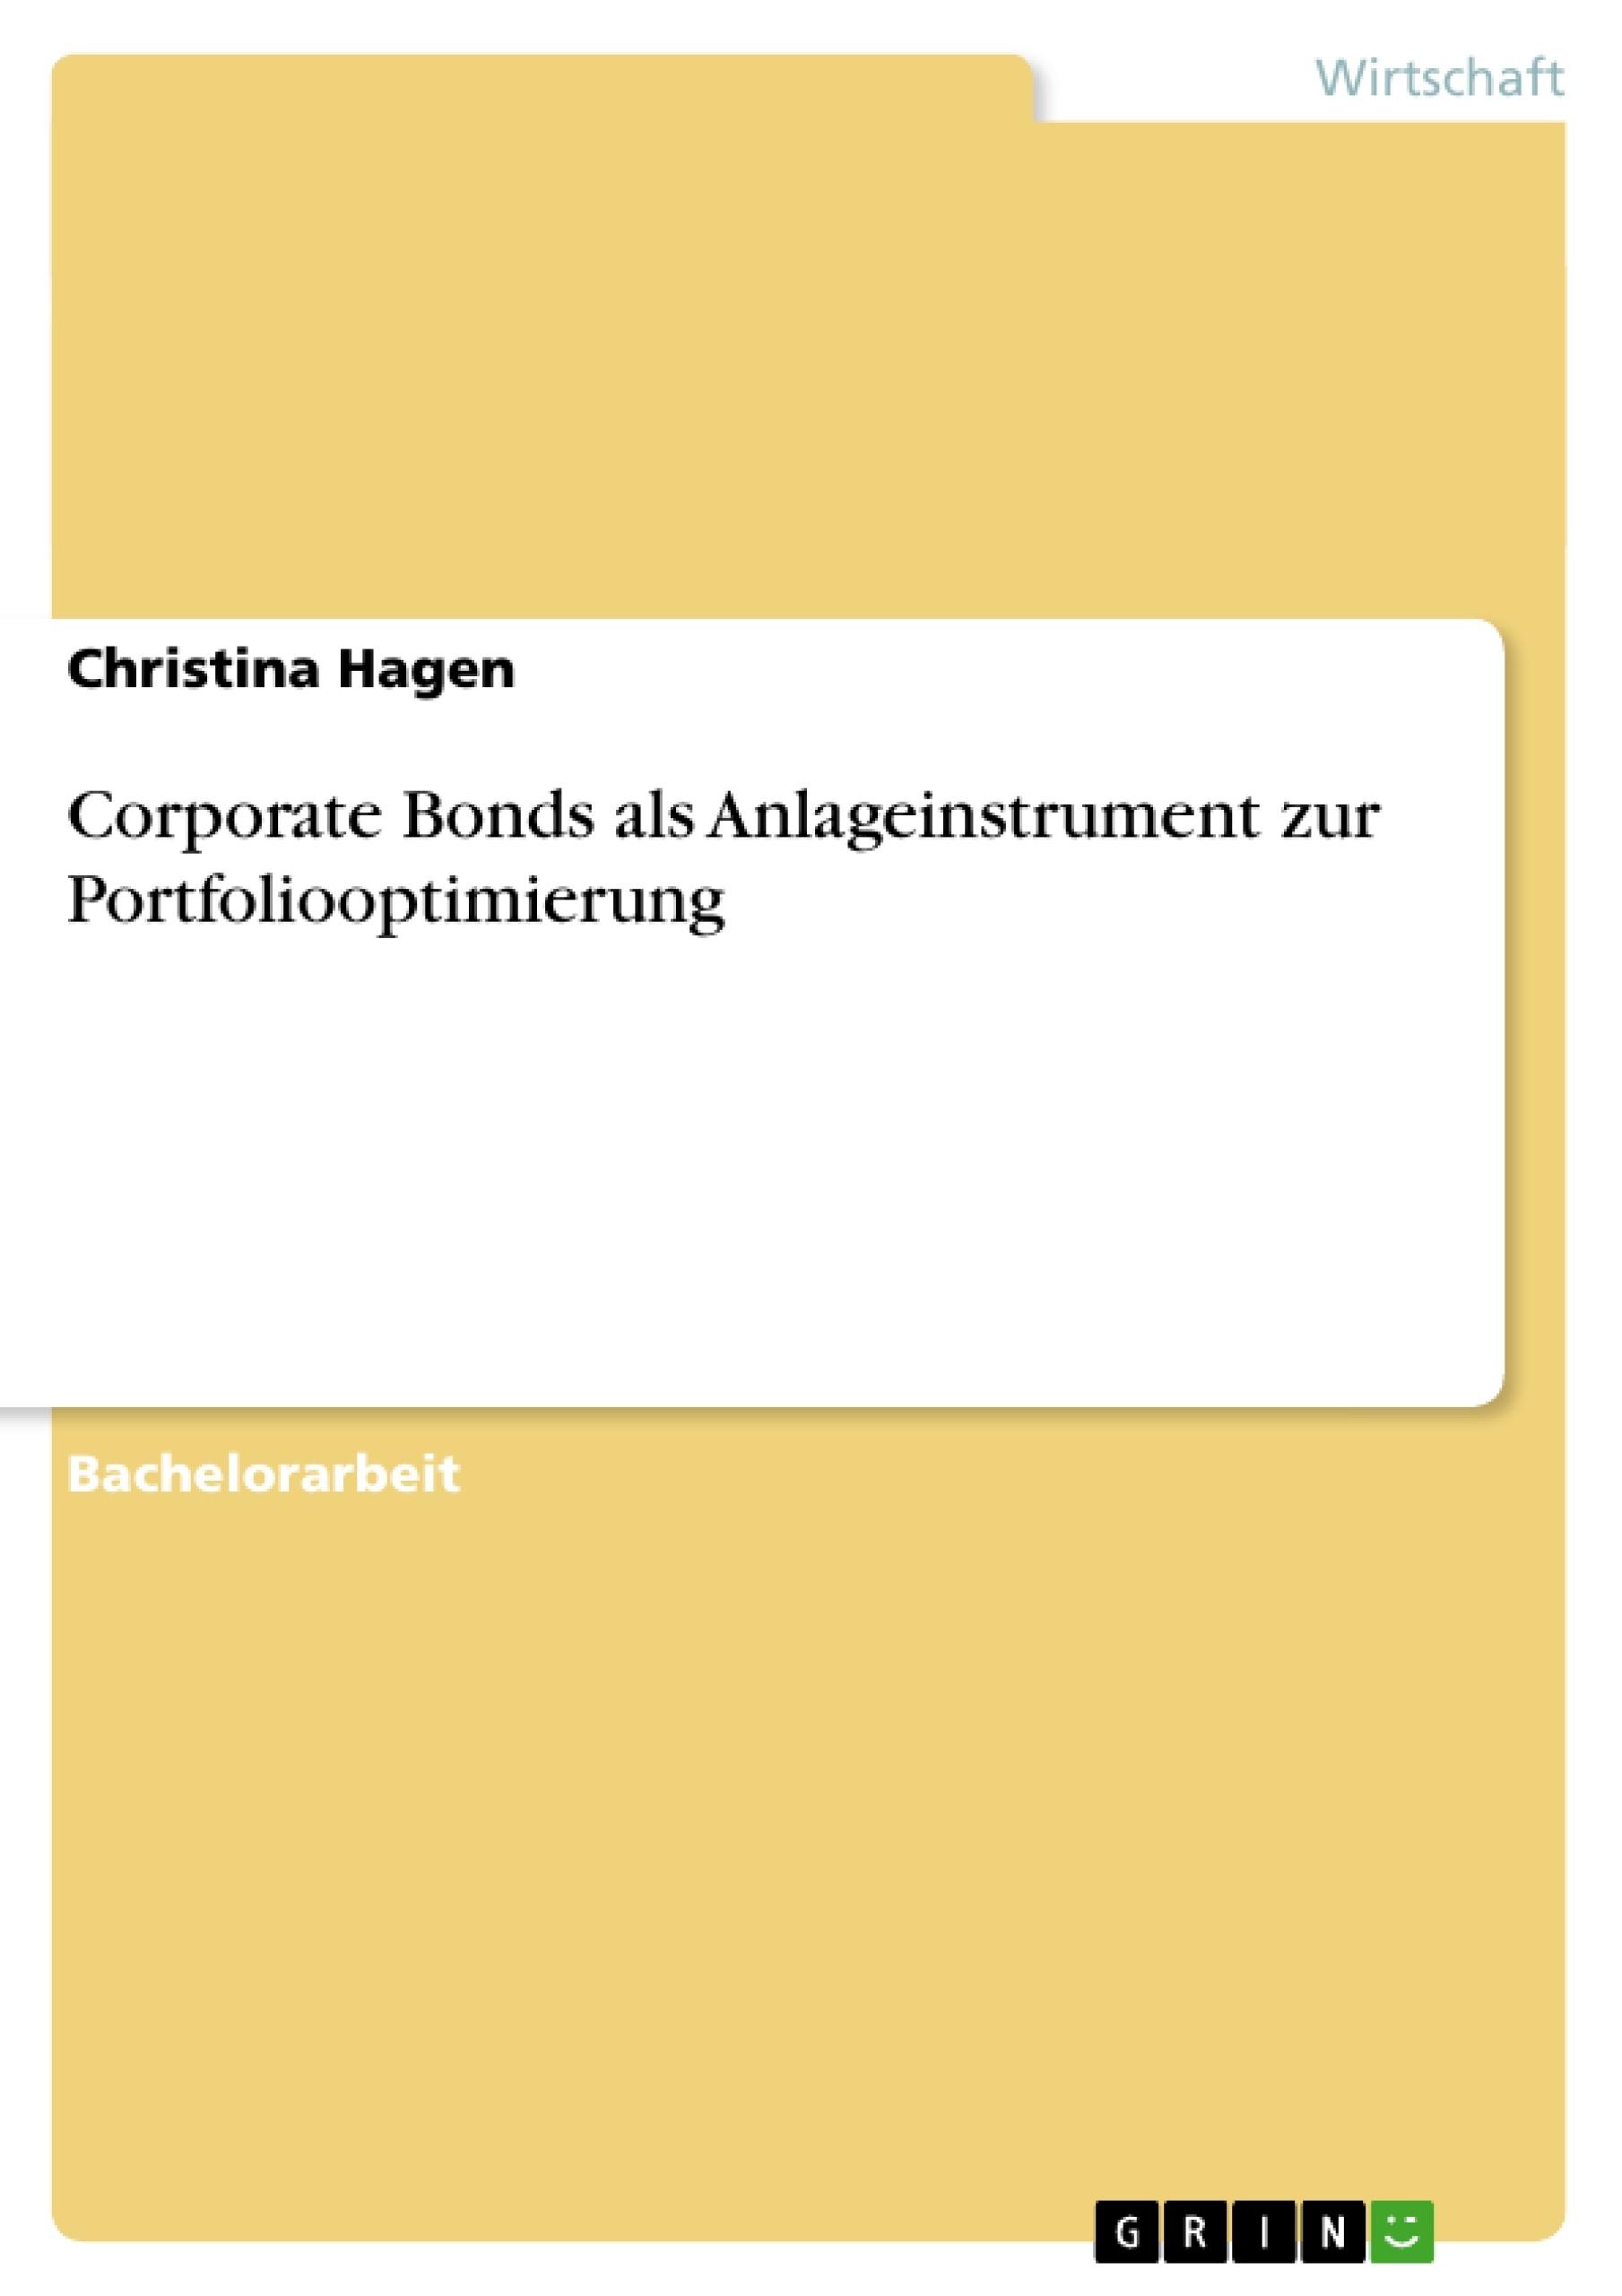 Titel: Corporate Bonds als Anlageinstrument zur Portfoliooptimierung